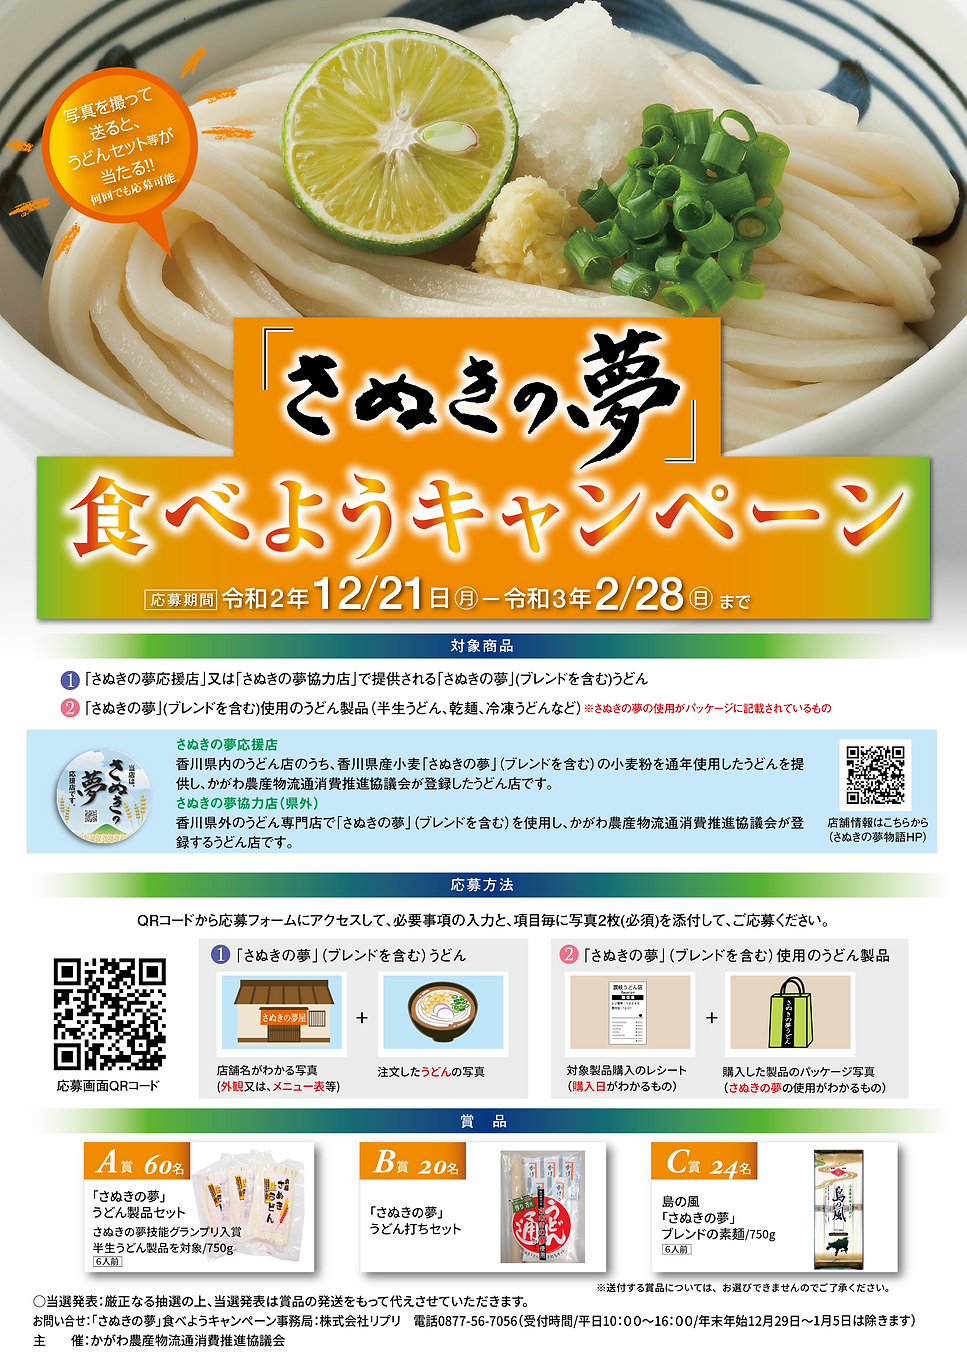 20_12_15食べようキャンペーンカンプ.png